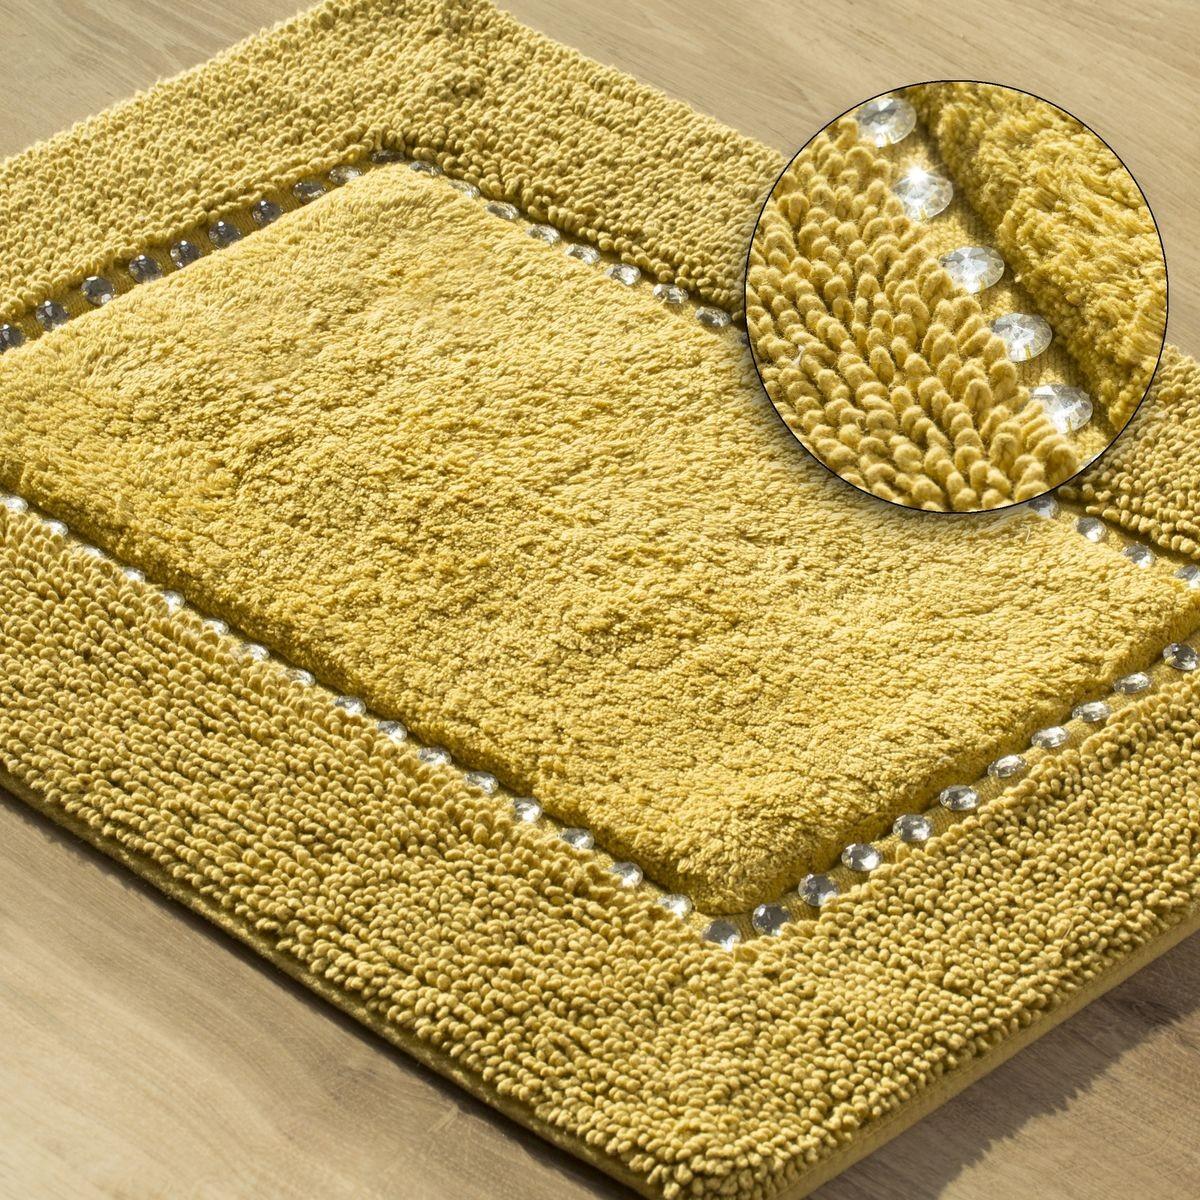 DomTextilu Žltý bavlnený ozdobený koberec do kúpelne 50 x 70 cm Šírka: 50 cm | Dĺžka: 70 cm 44484-208078